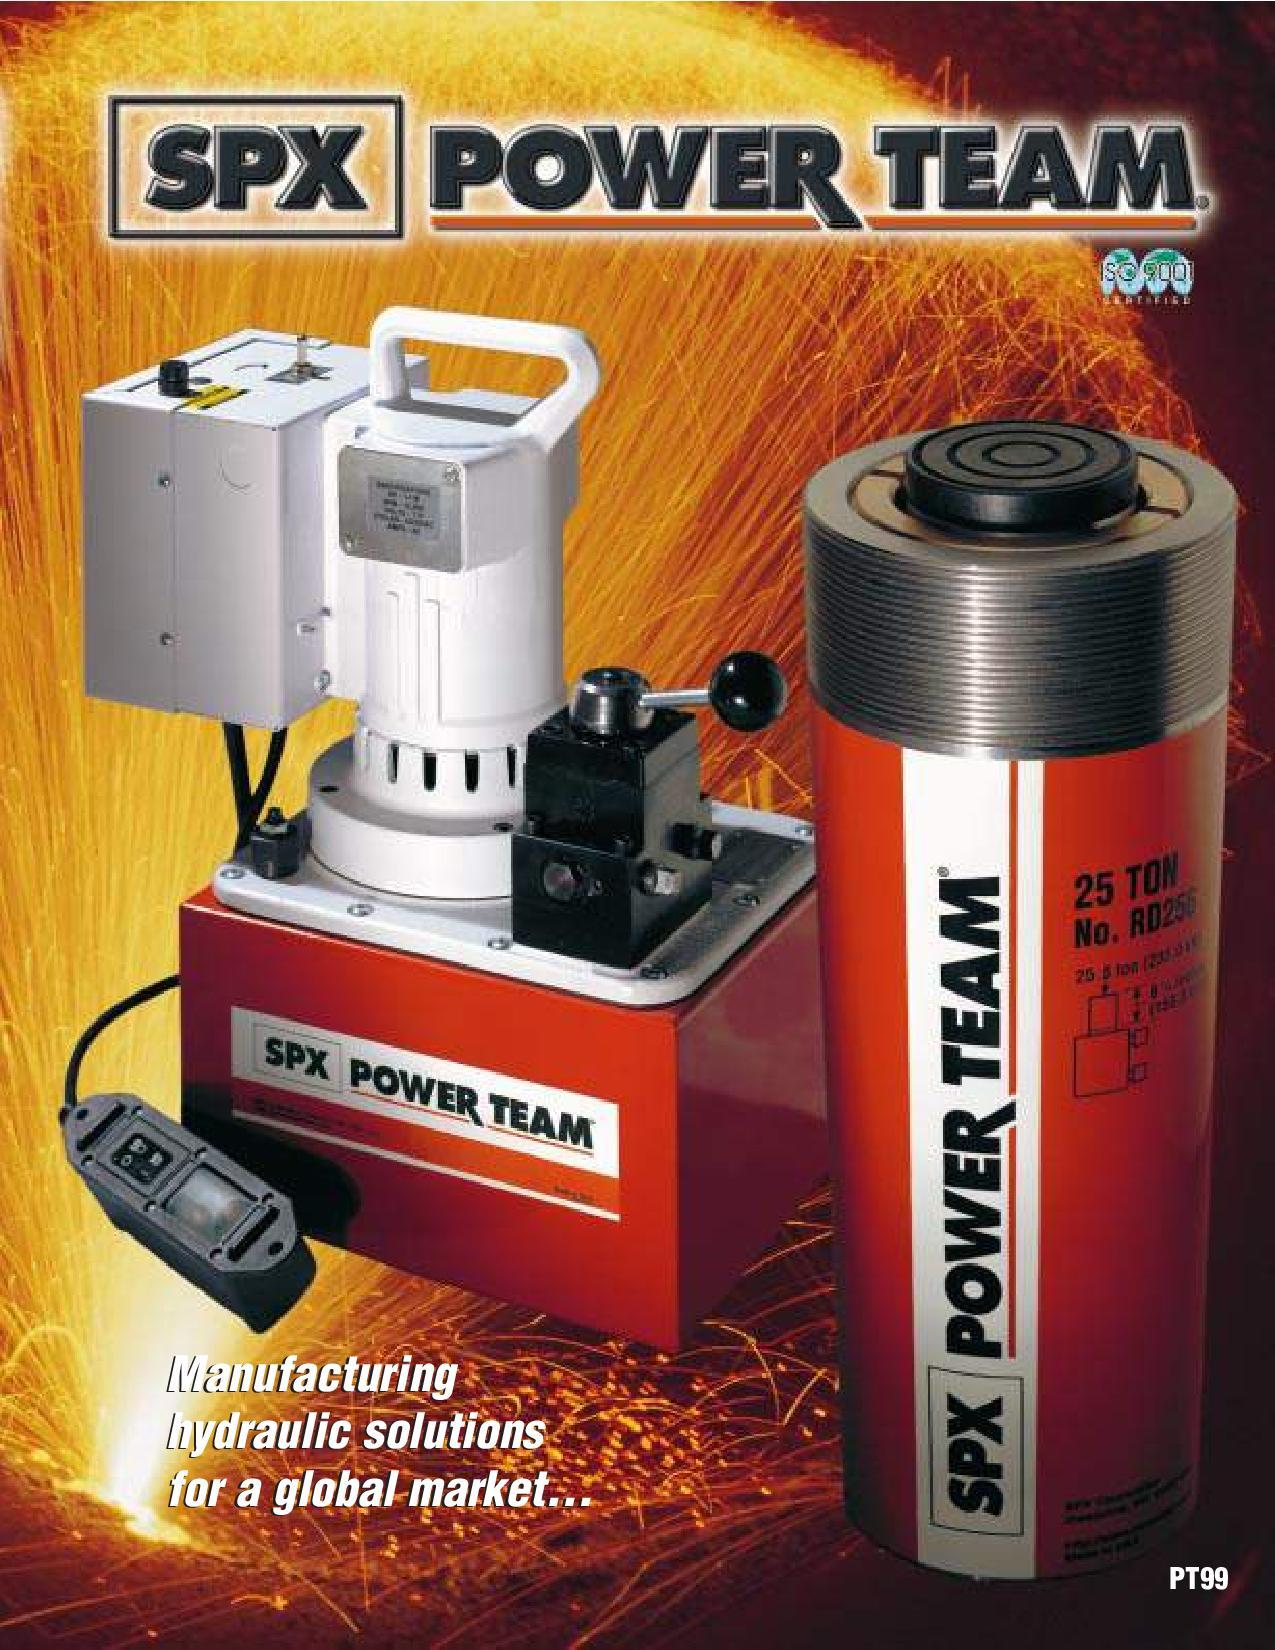 Catalogue SPX POWERTEAM PT99